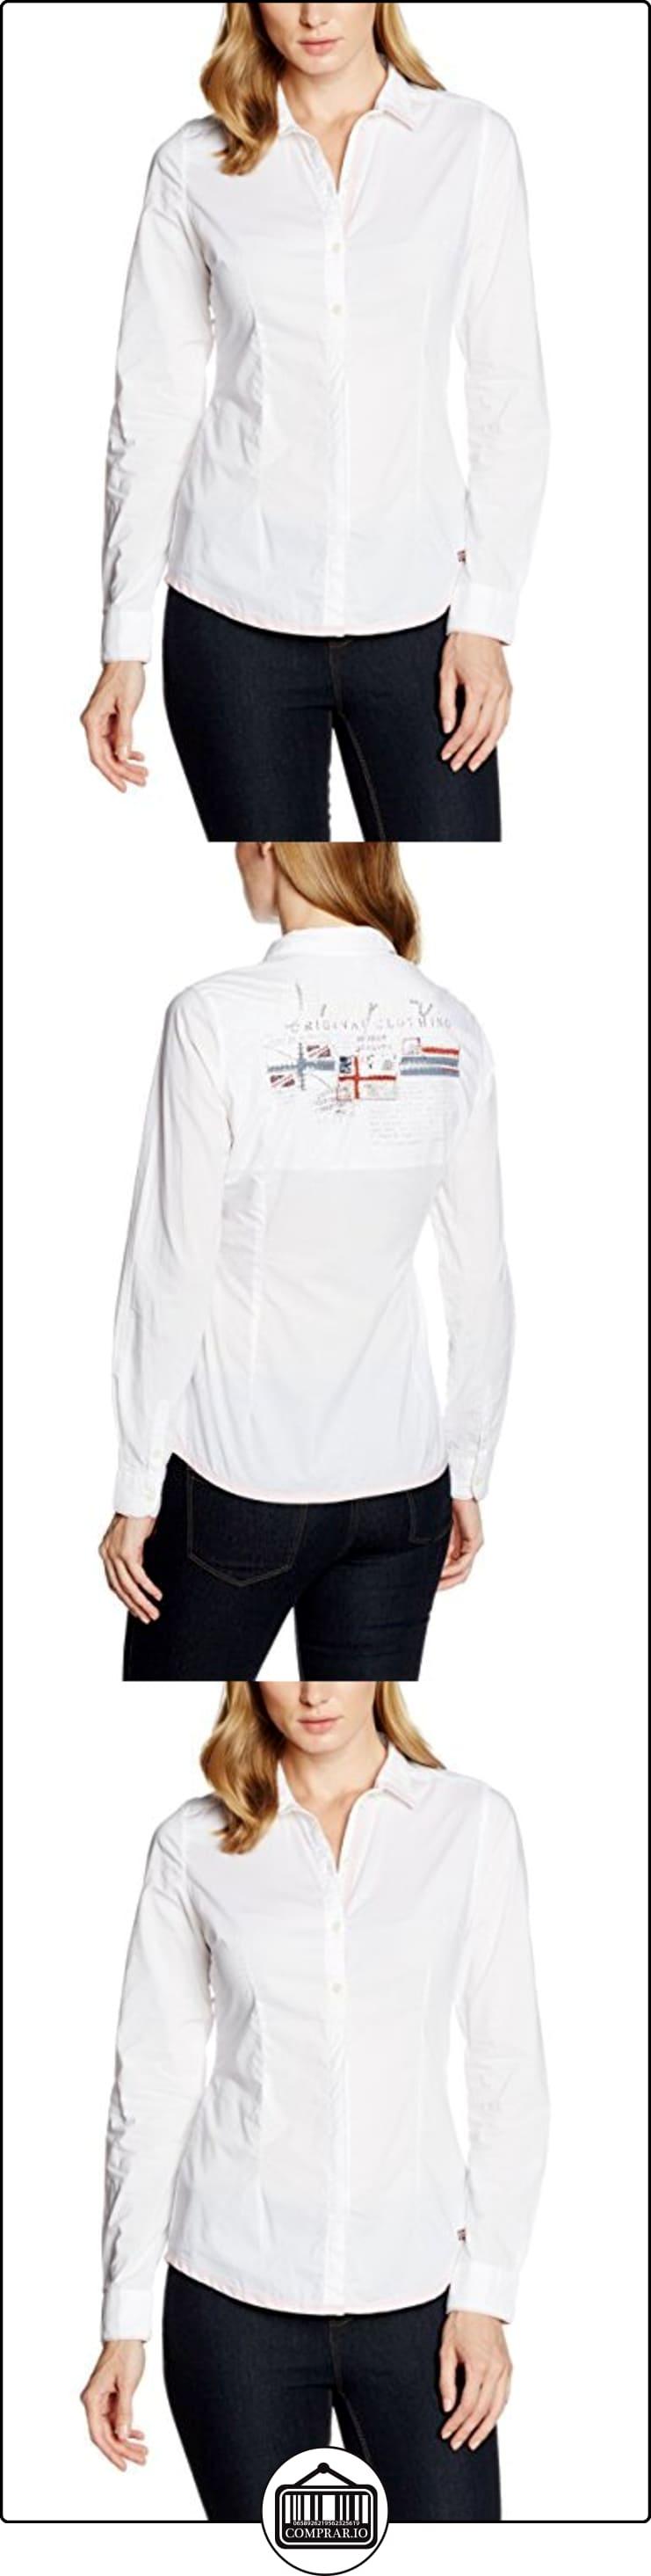 Napapijri GRETCHEN, Blusa Mujer, Blanco (BRIGHT WHITE), 36 (Talla del fabricante: Small)  ✿ Blusas y camisas ✿